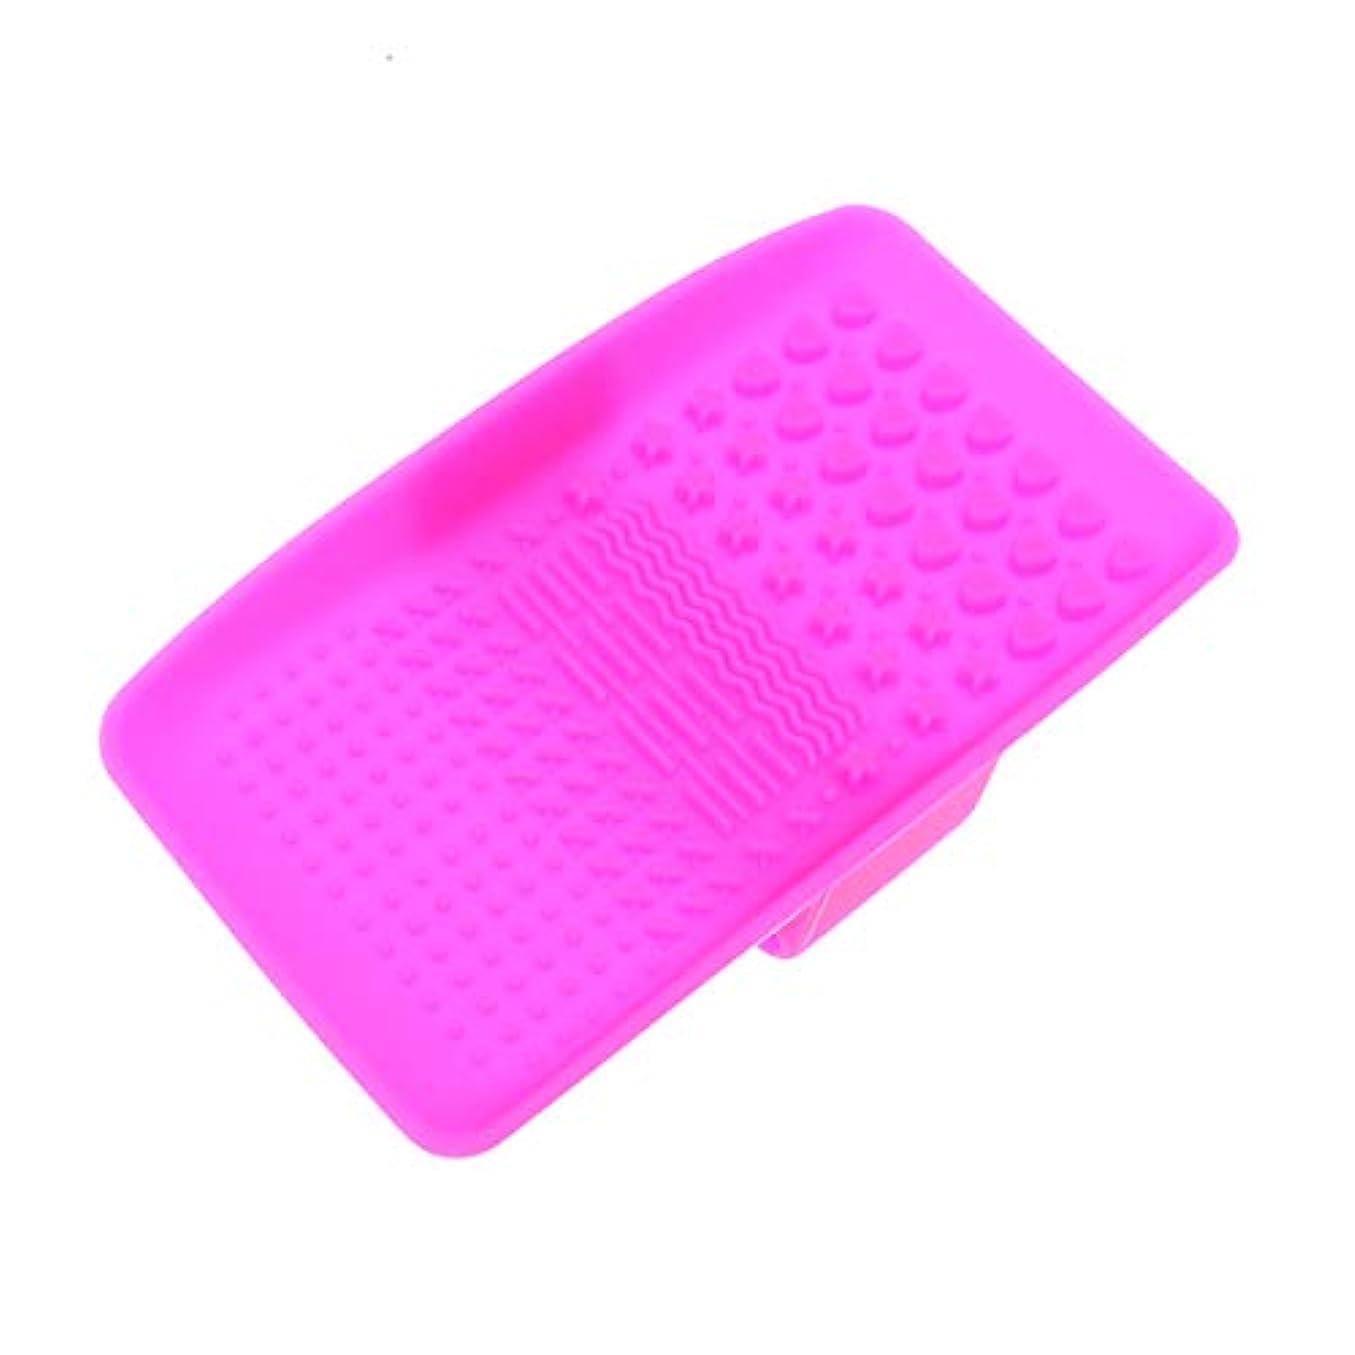 ライラック人口るBeaupretty 吸引ブラシが付いているシリコーンのブラシのクリーニングのマットの携帯用化粧品のブラシの洗剤